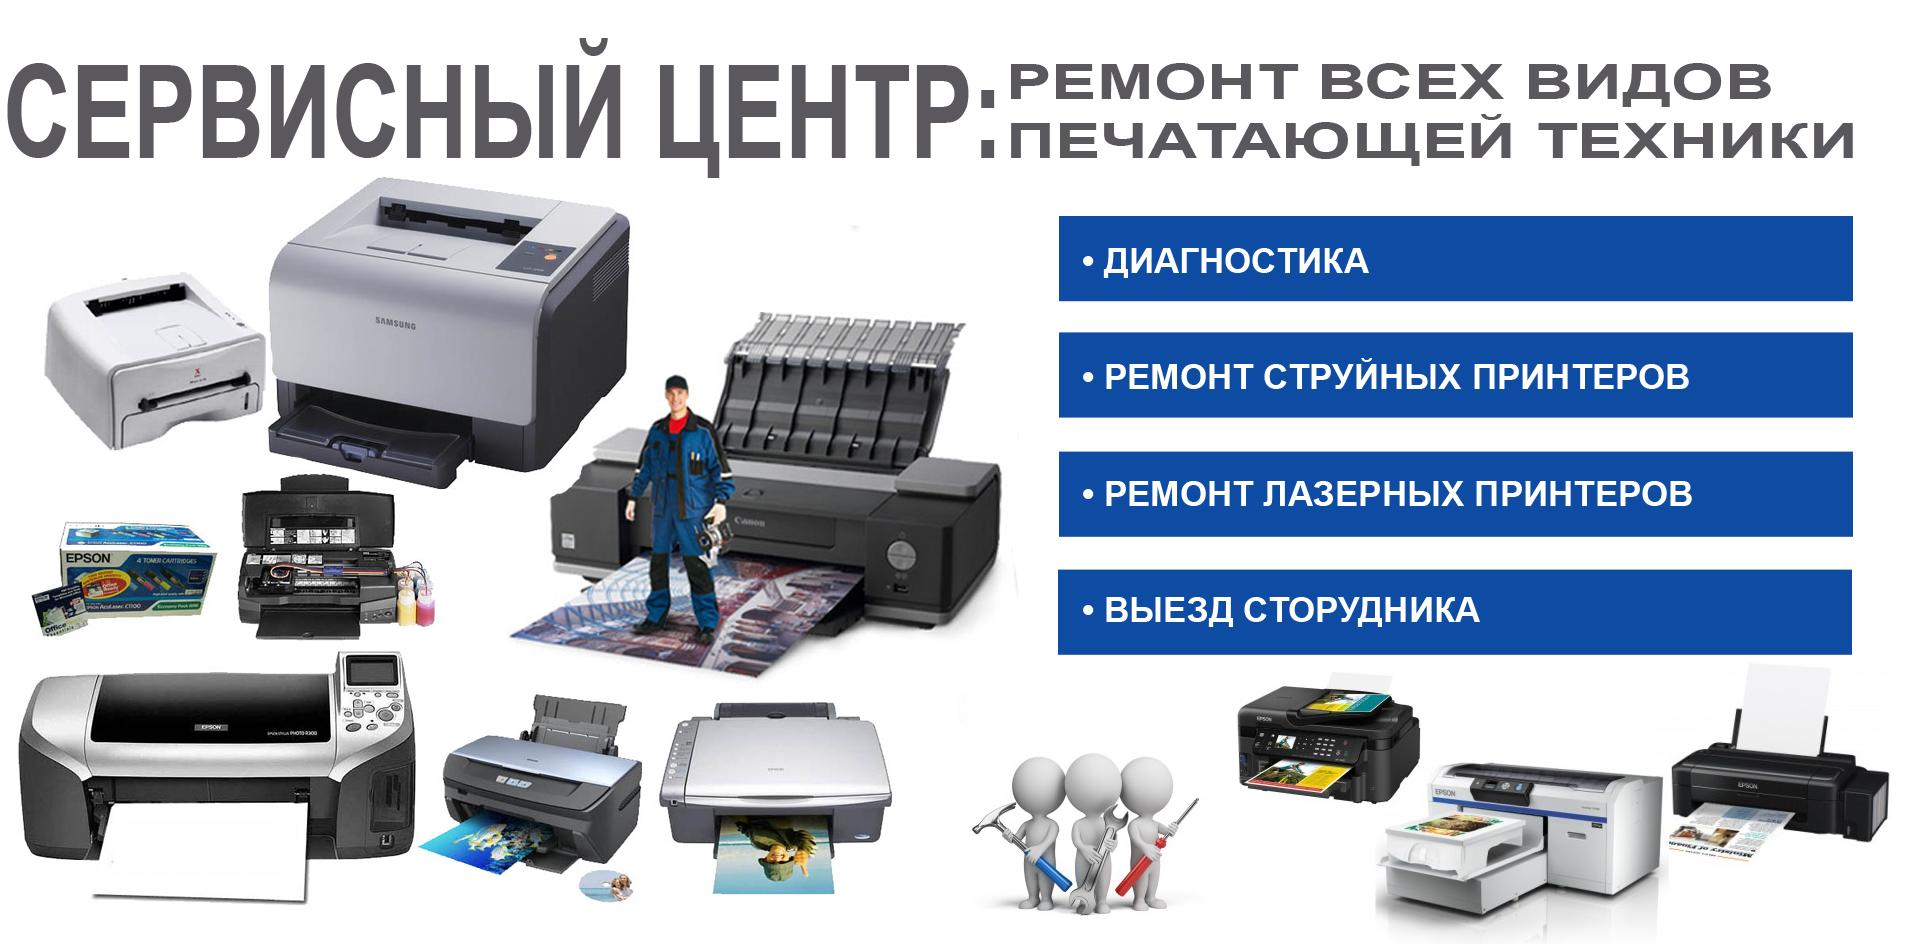 РЕМОНТ ВСЕХ ВИДОВ ПРИНТЕРОВ